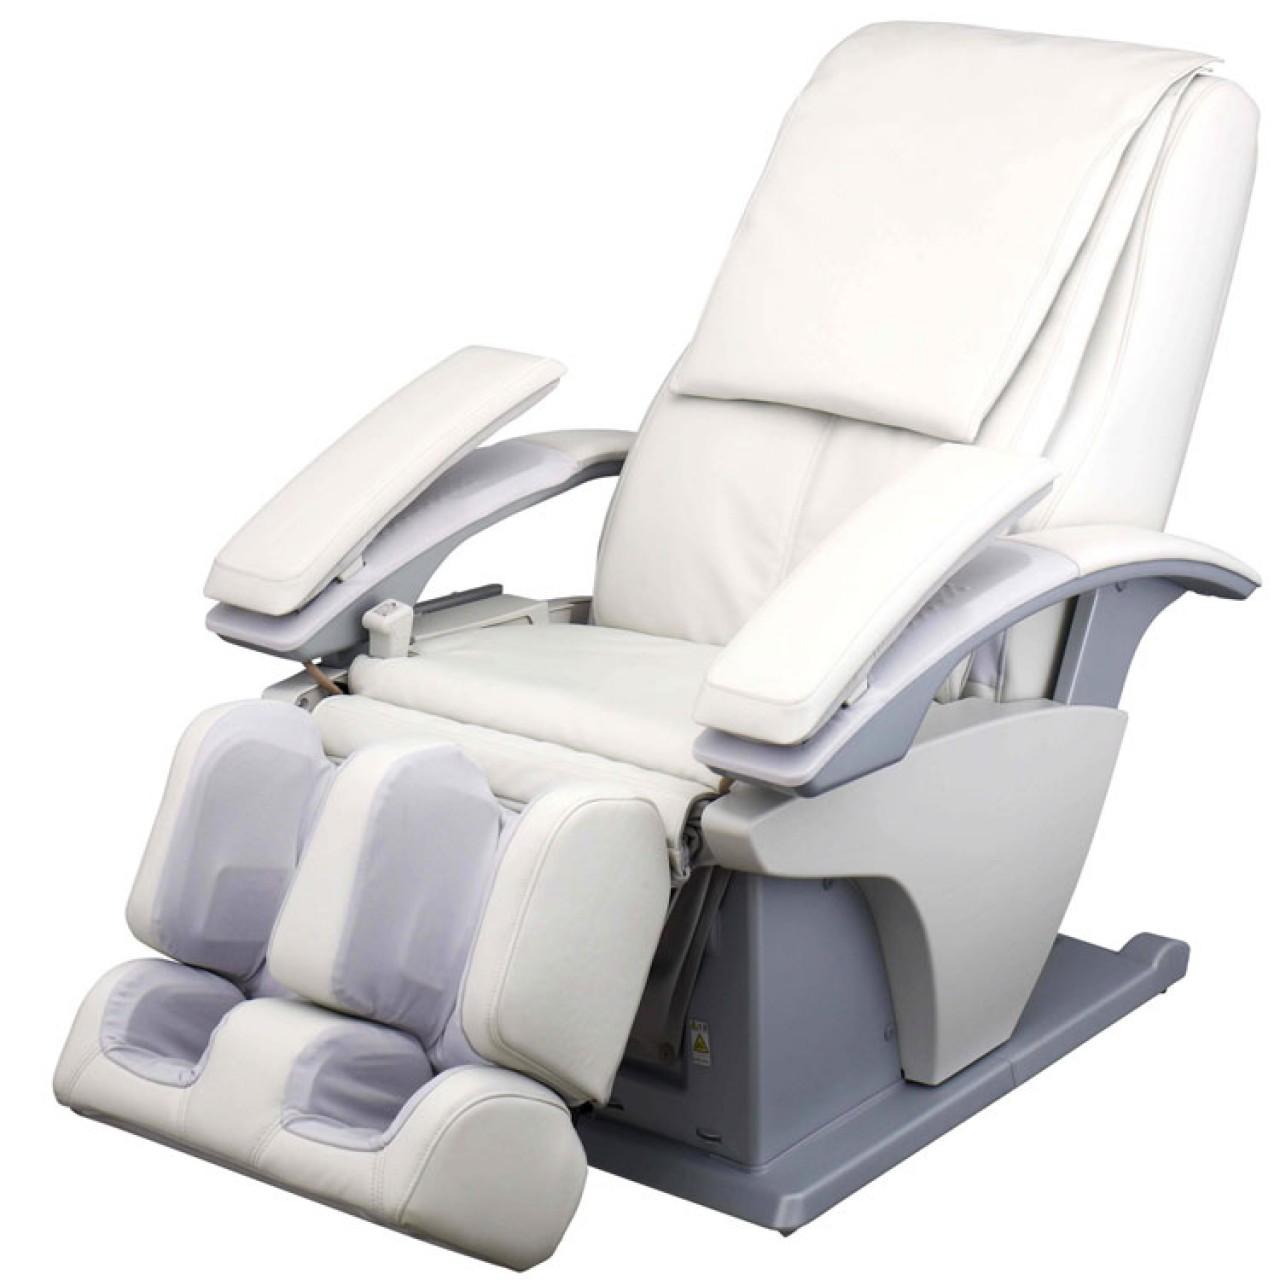 Chất lượng luôn được nâng cao của ghế massage  Fujiiryoki